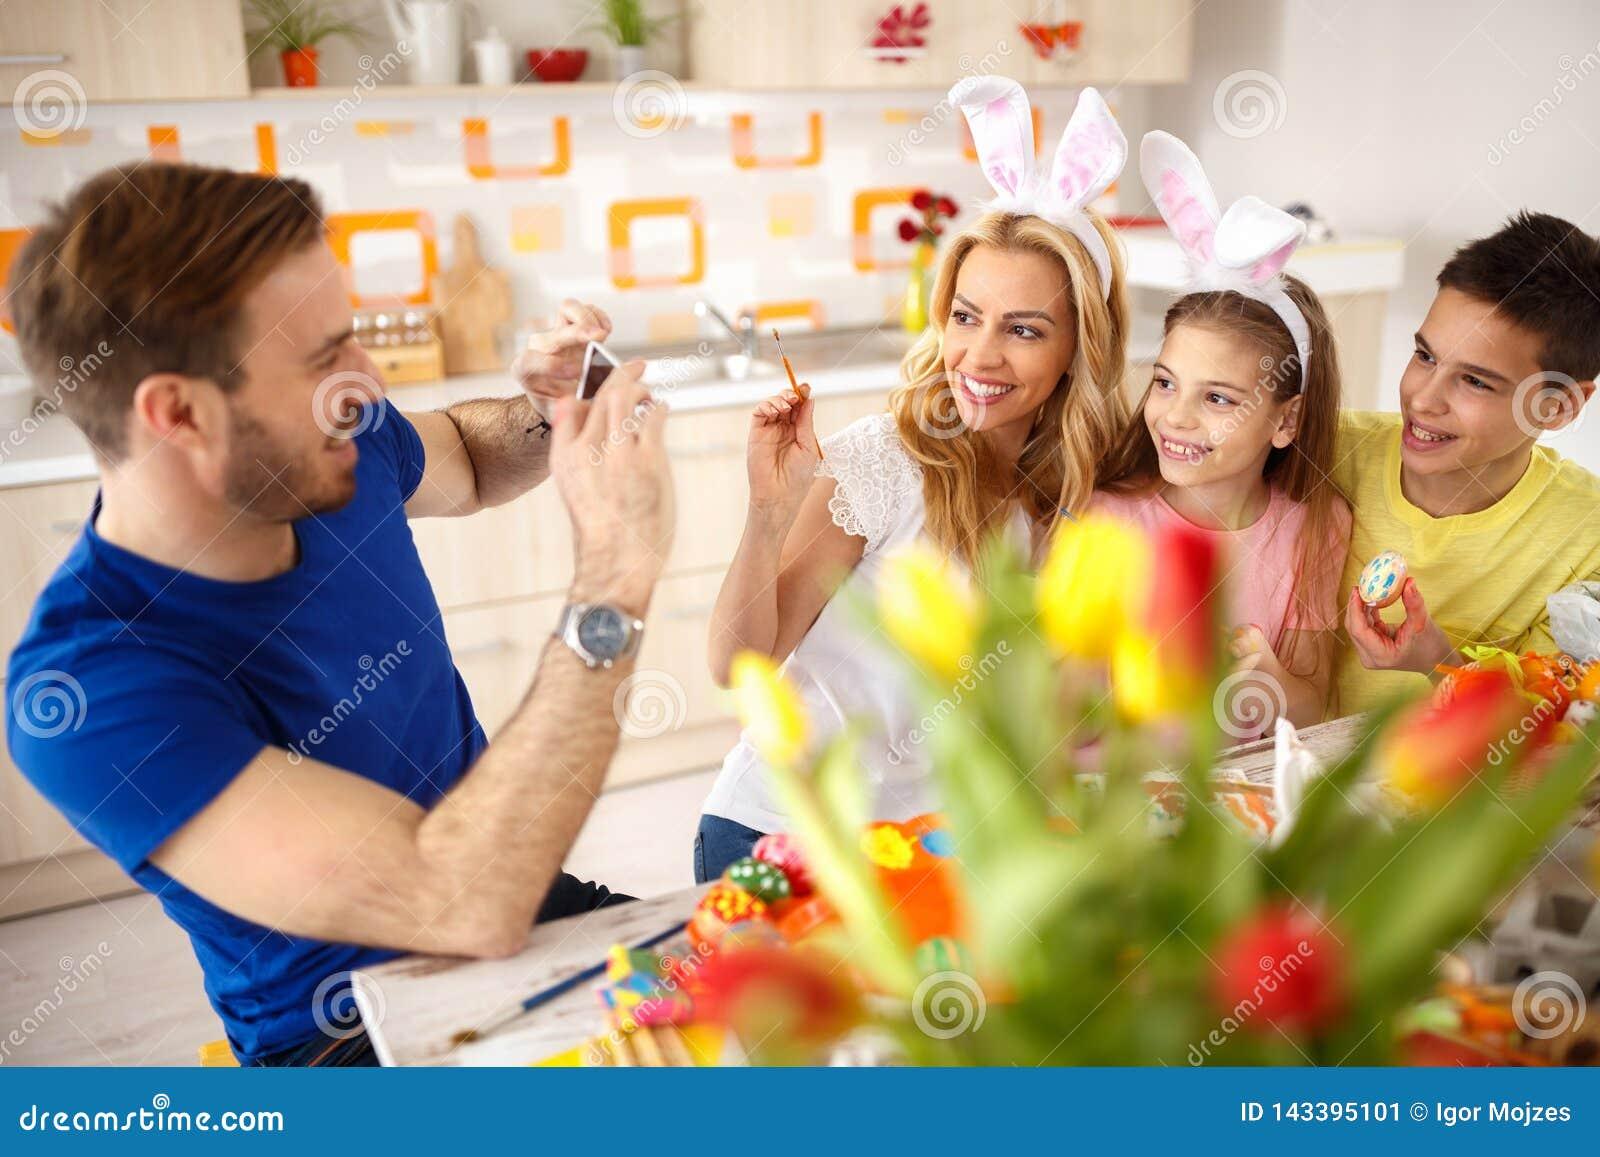 Hombre que fotografía a la familia mientras que pinta los huevos